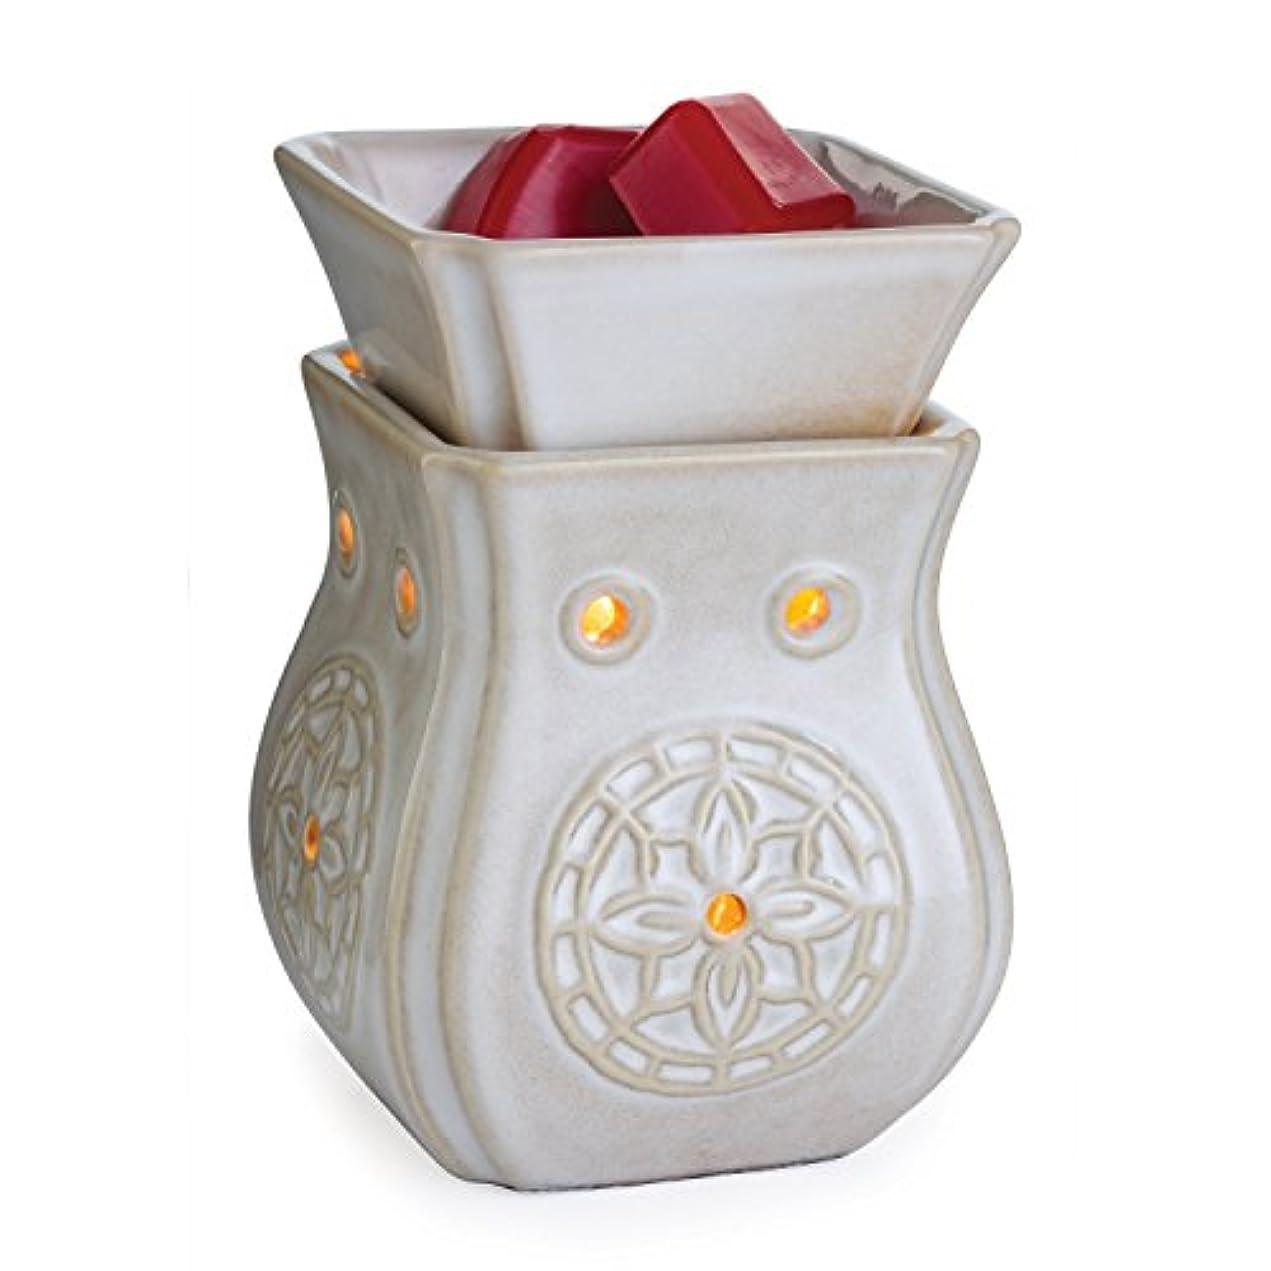 結晶雇用パッチ(Insignia) - Candle Warmers Illumination Fragrance Warmer, Insignia Midsize